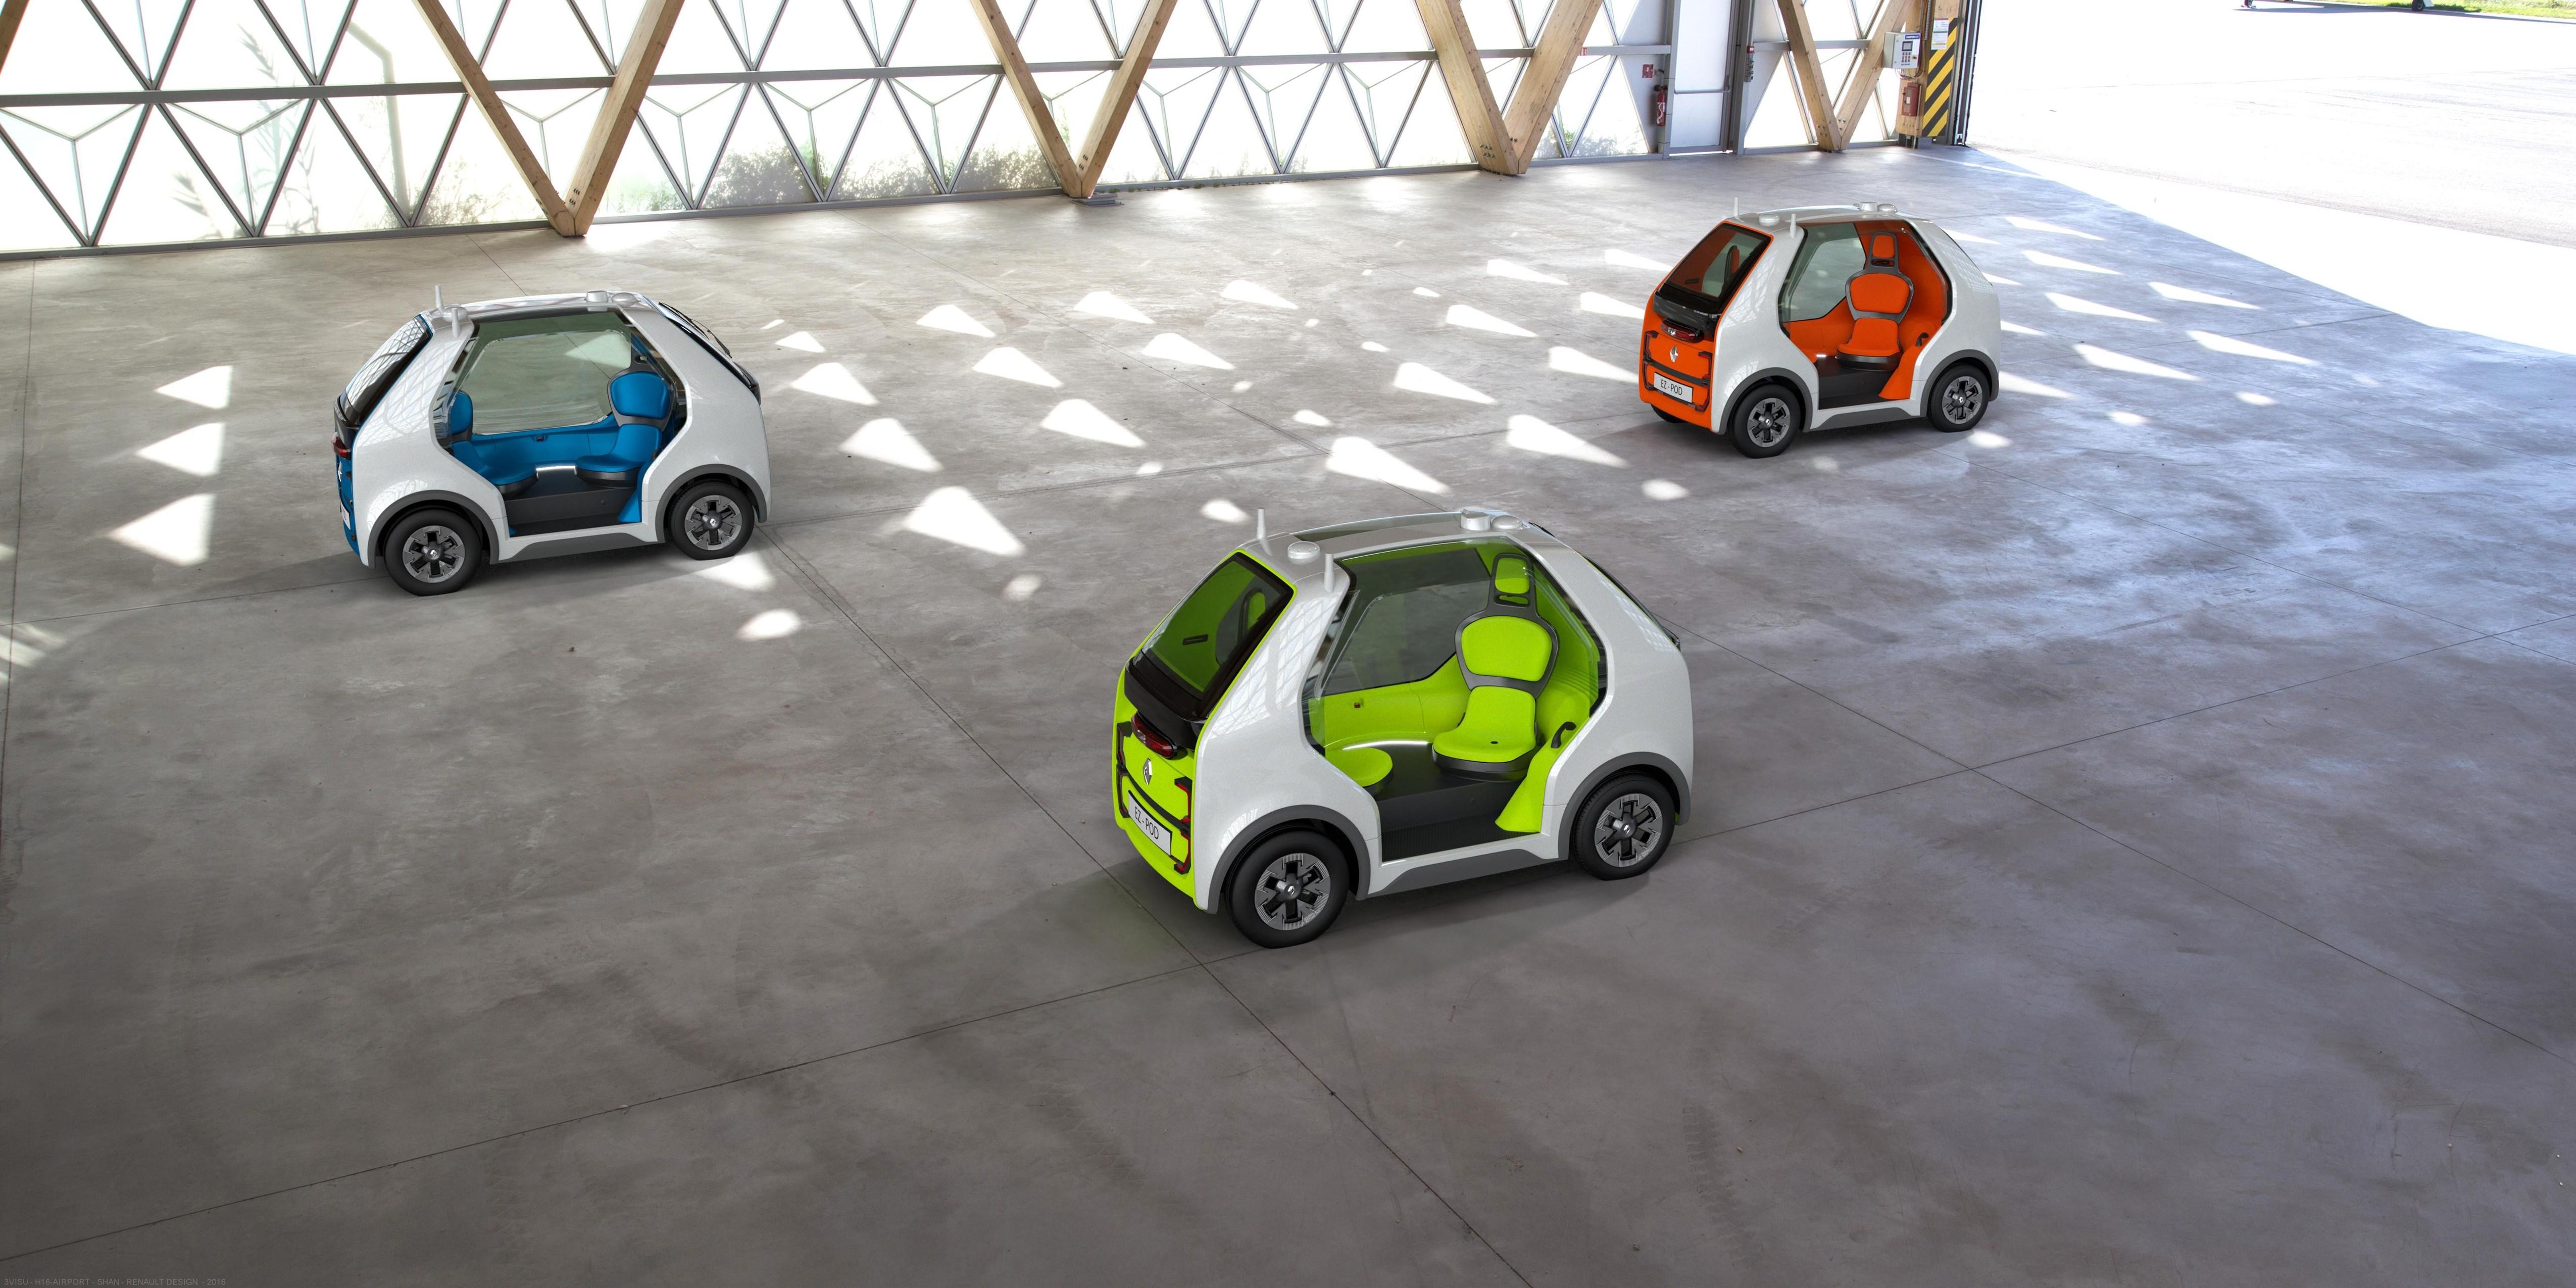 Électrique, autonome et dédié au dernier kilomètre, l'EZ-POD reflète la vision du futur de Renault